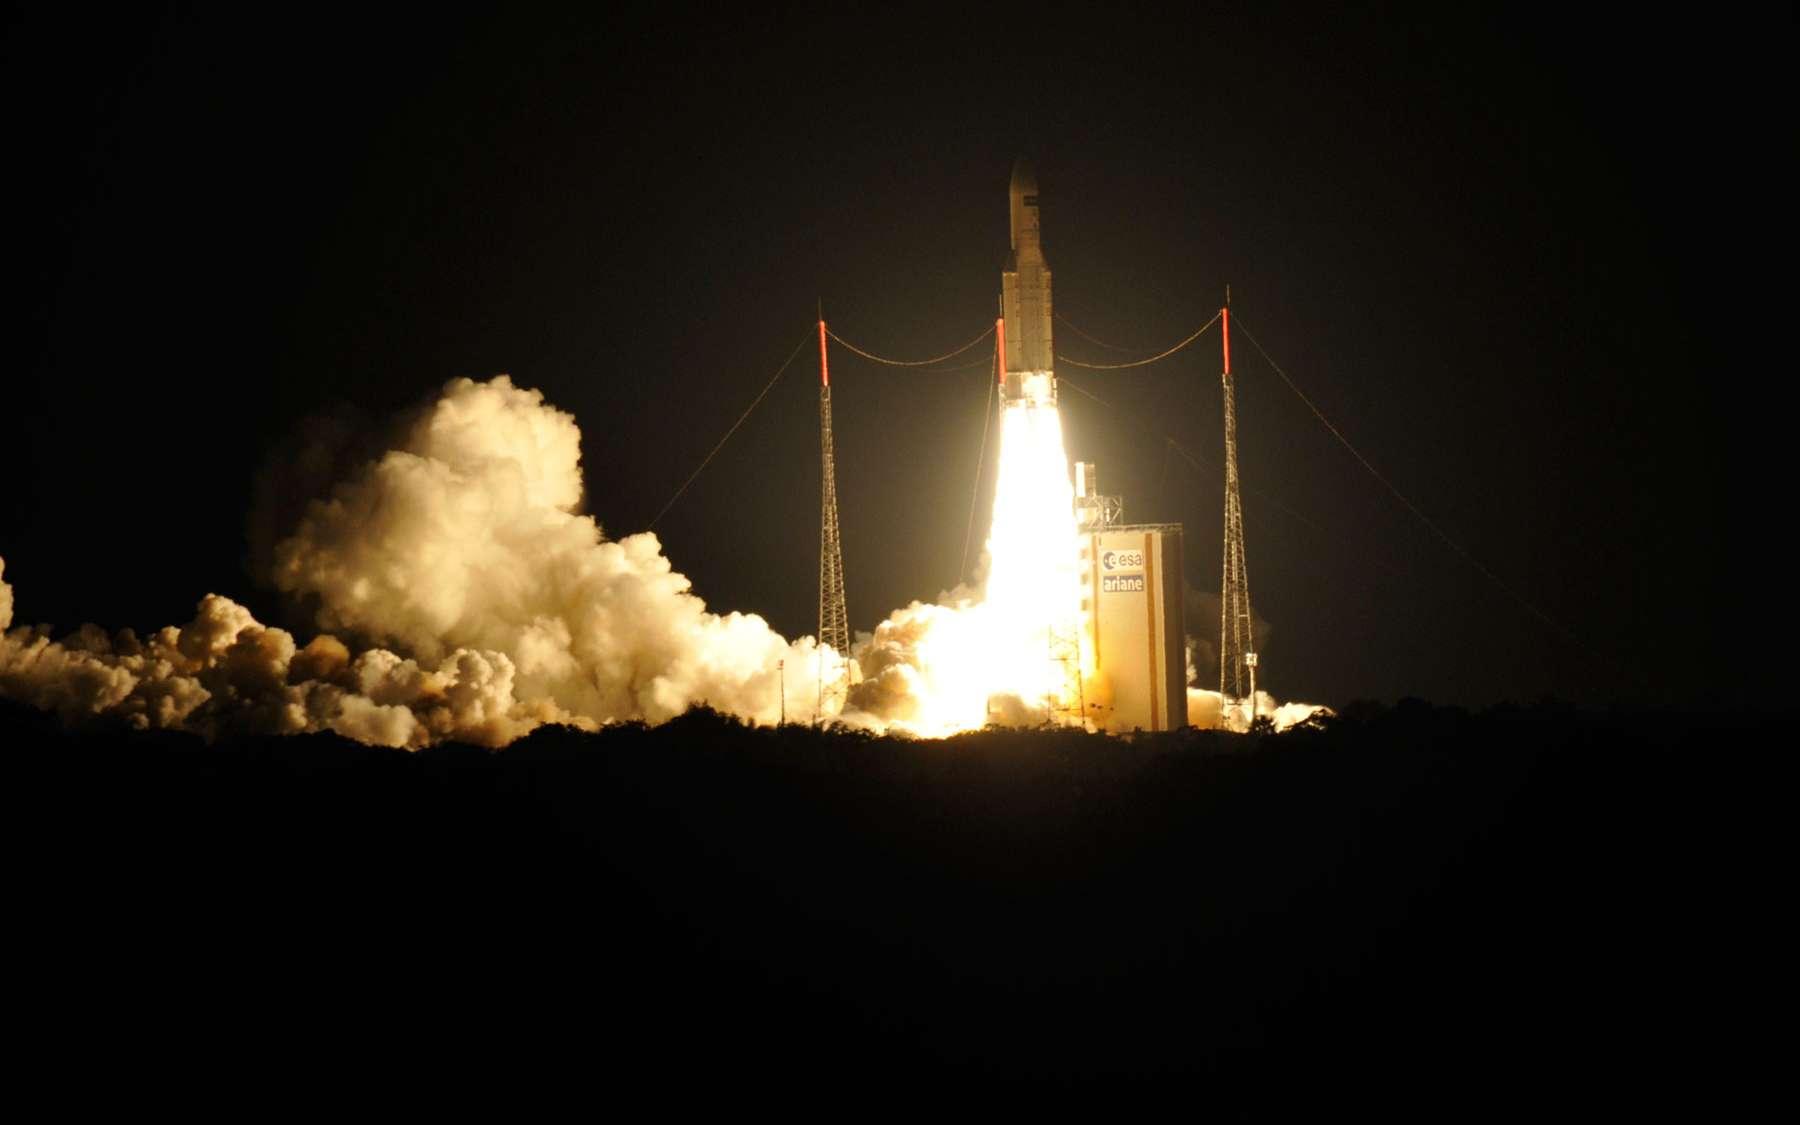 Ariane 5ES au décollage (en juillet 2014) avec le nuage de combustion qui se forme, issu du mélange entre les produits émis par les étages d'accélération à poudre et les eaux de déluge qui refroidissent les installations. © Rémy Decourt